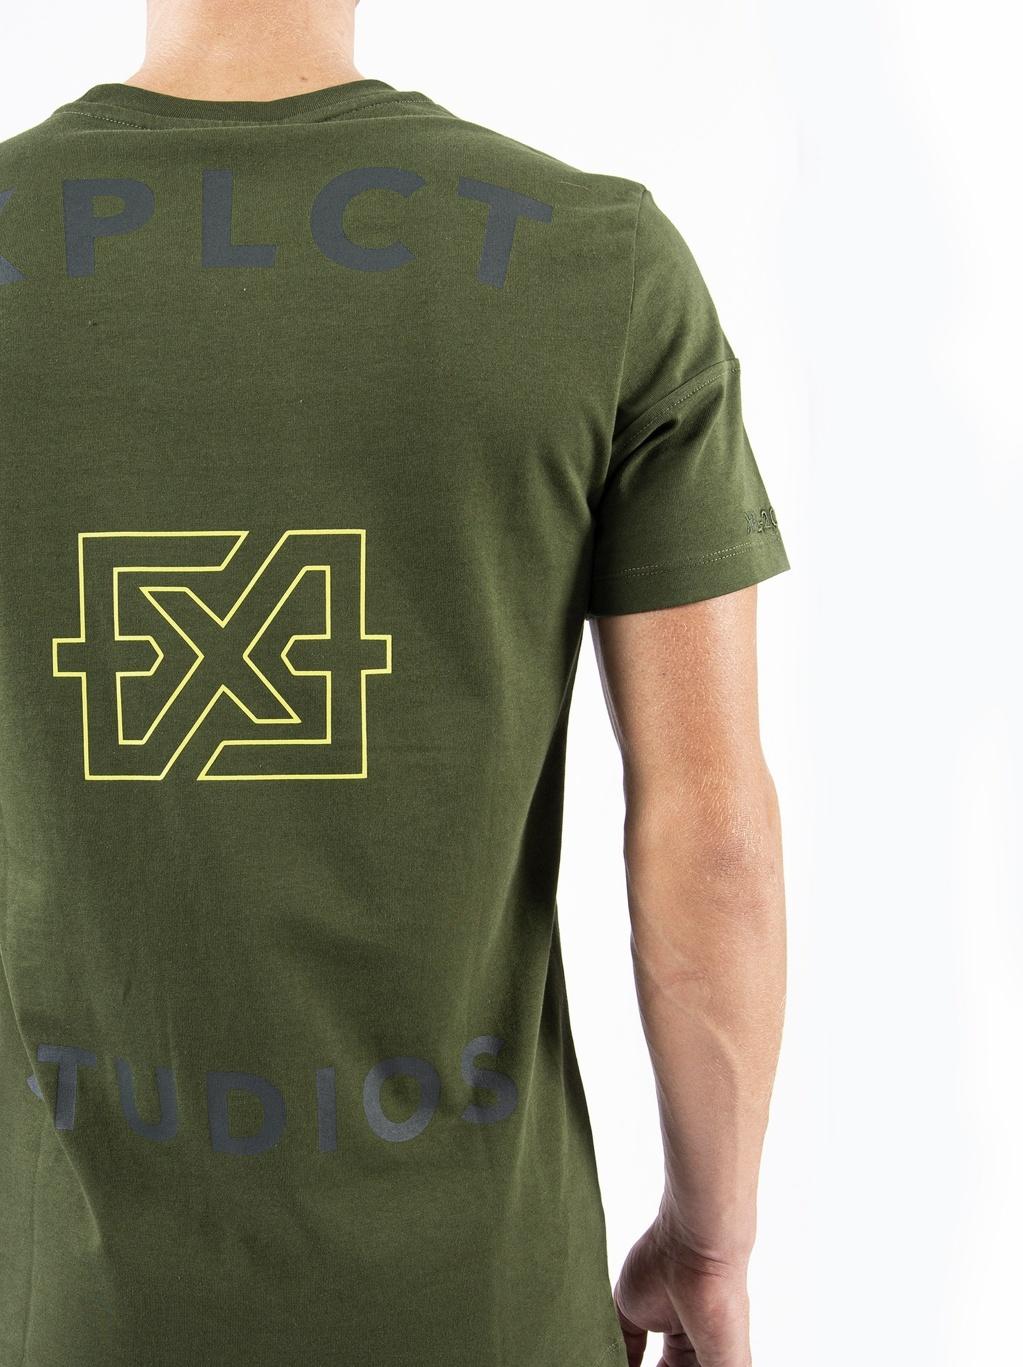 Brand Tee T-Shirt-3